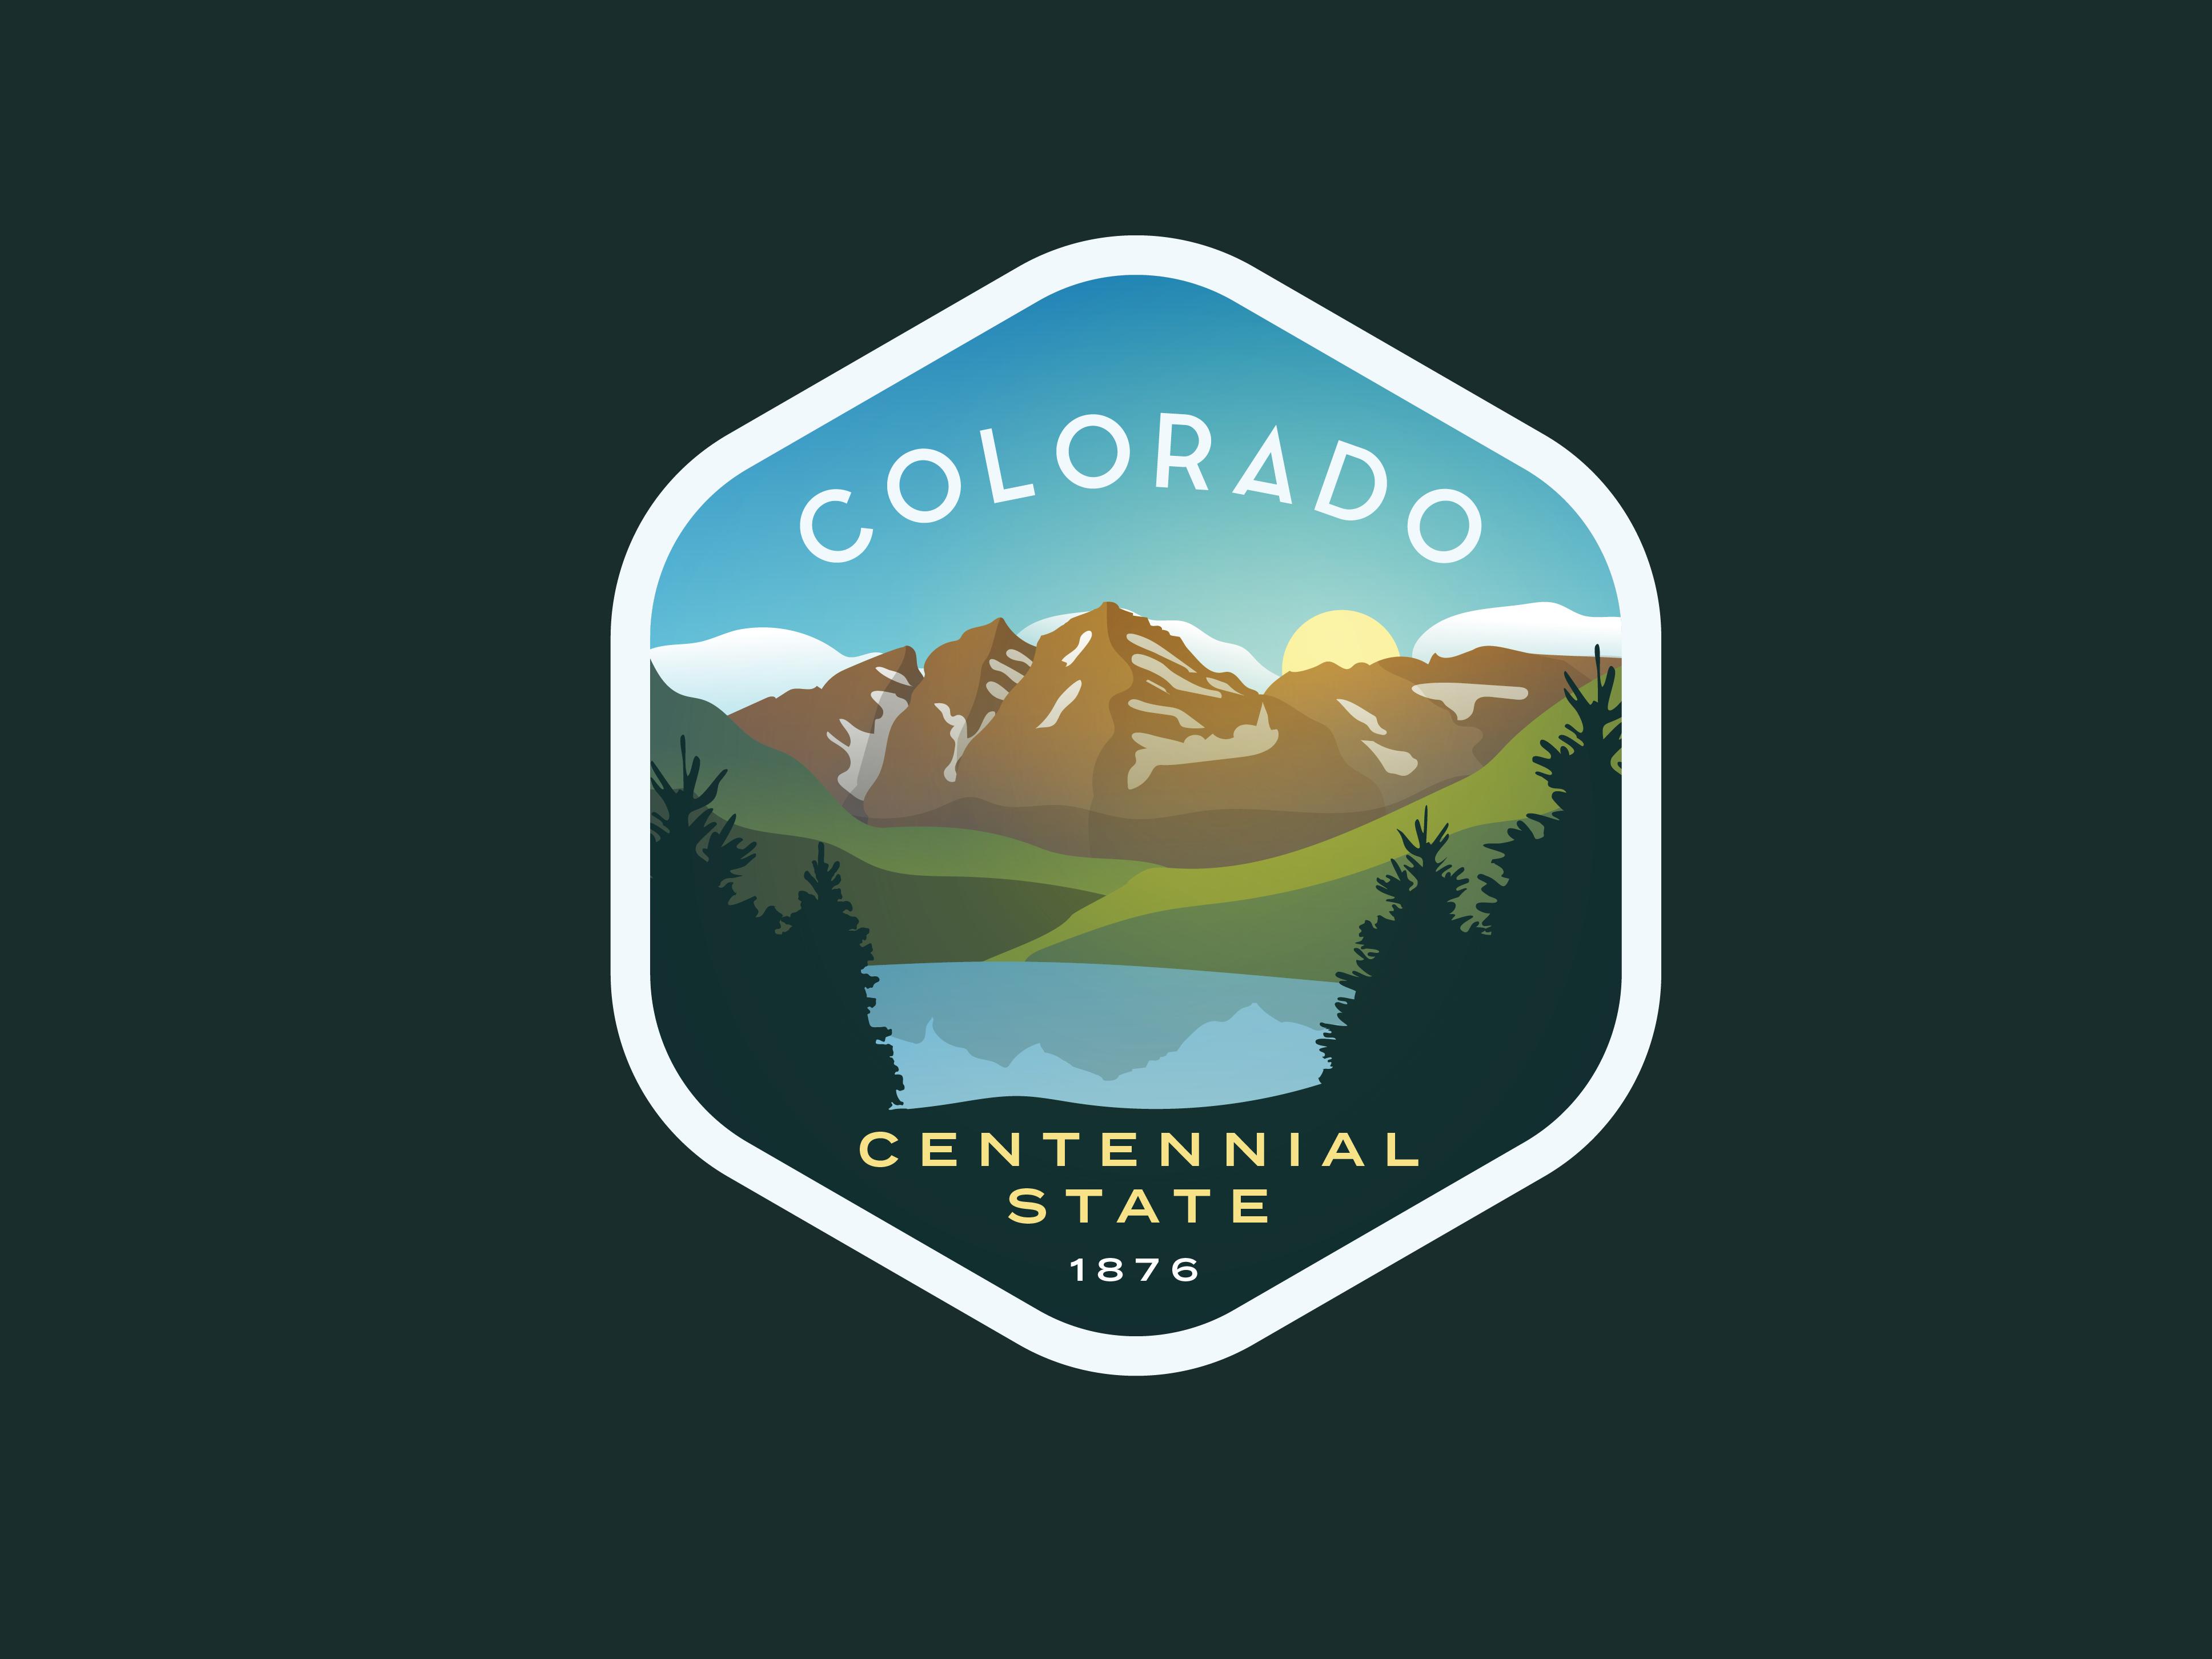 Colorado Badge Badge Design Colorado Design Vintage Logo Design